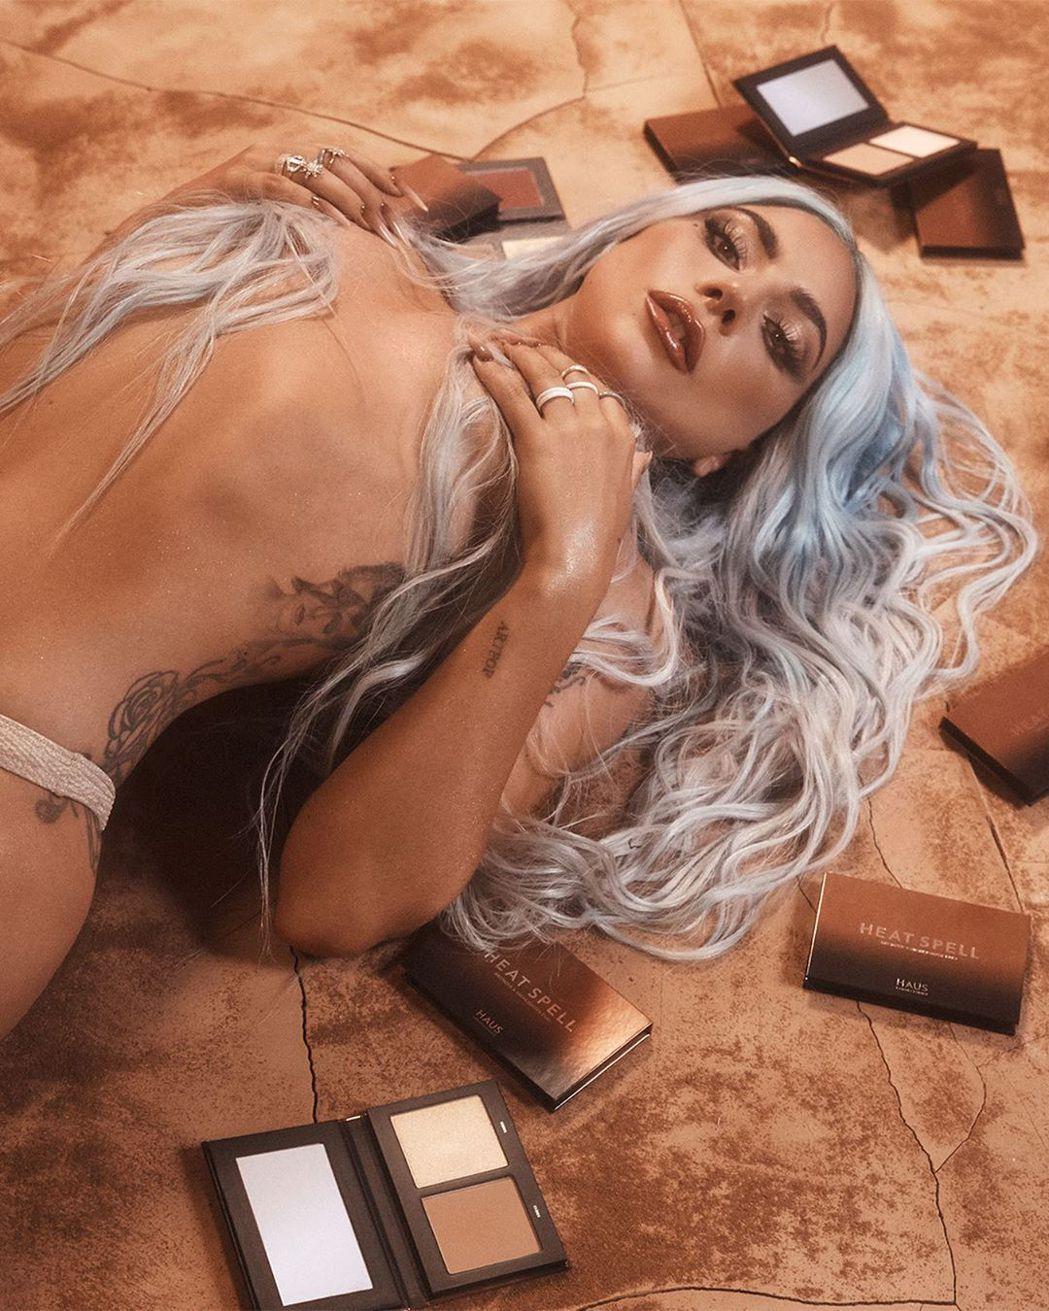 女神卡卡為自己的彩妝產品造勢,上空半裸入鏡。圖/摘自Instagram